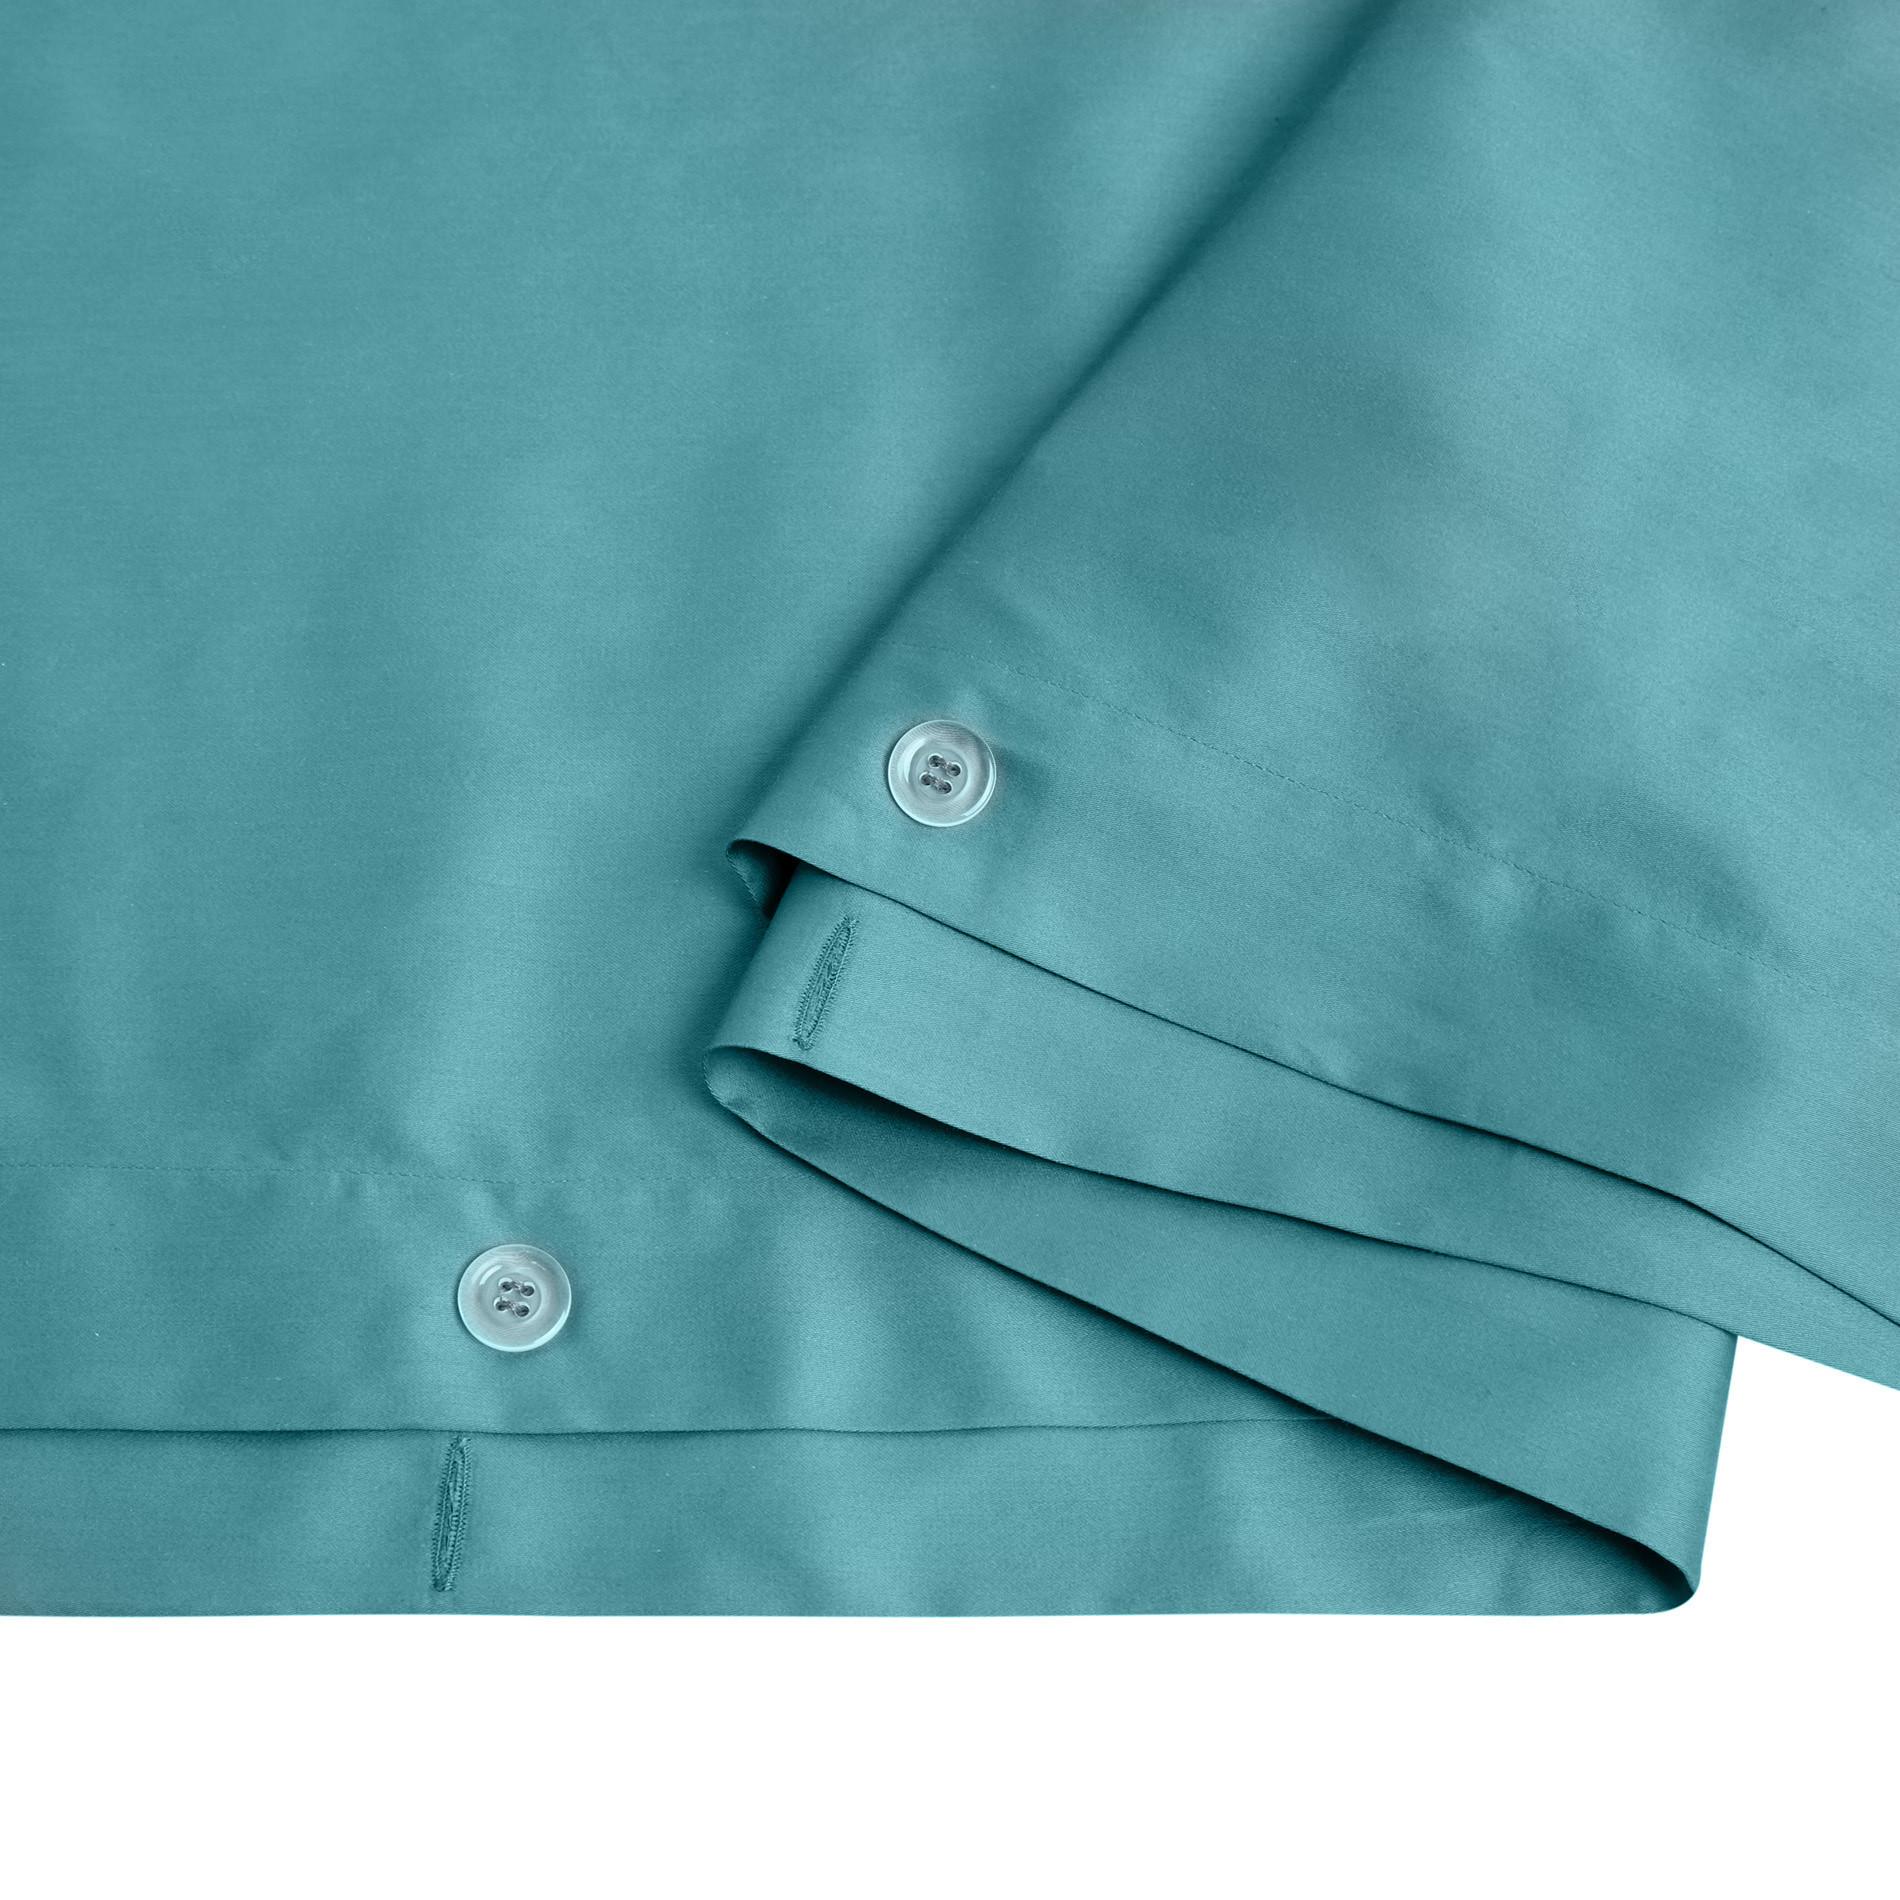 Parure copripiumino raso di puro cotone Zefiro, Verde ottanio, large image number 1